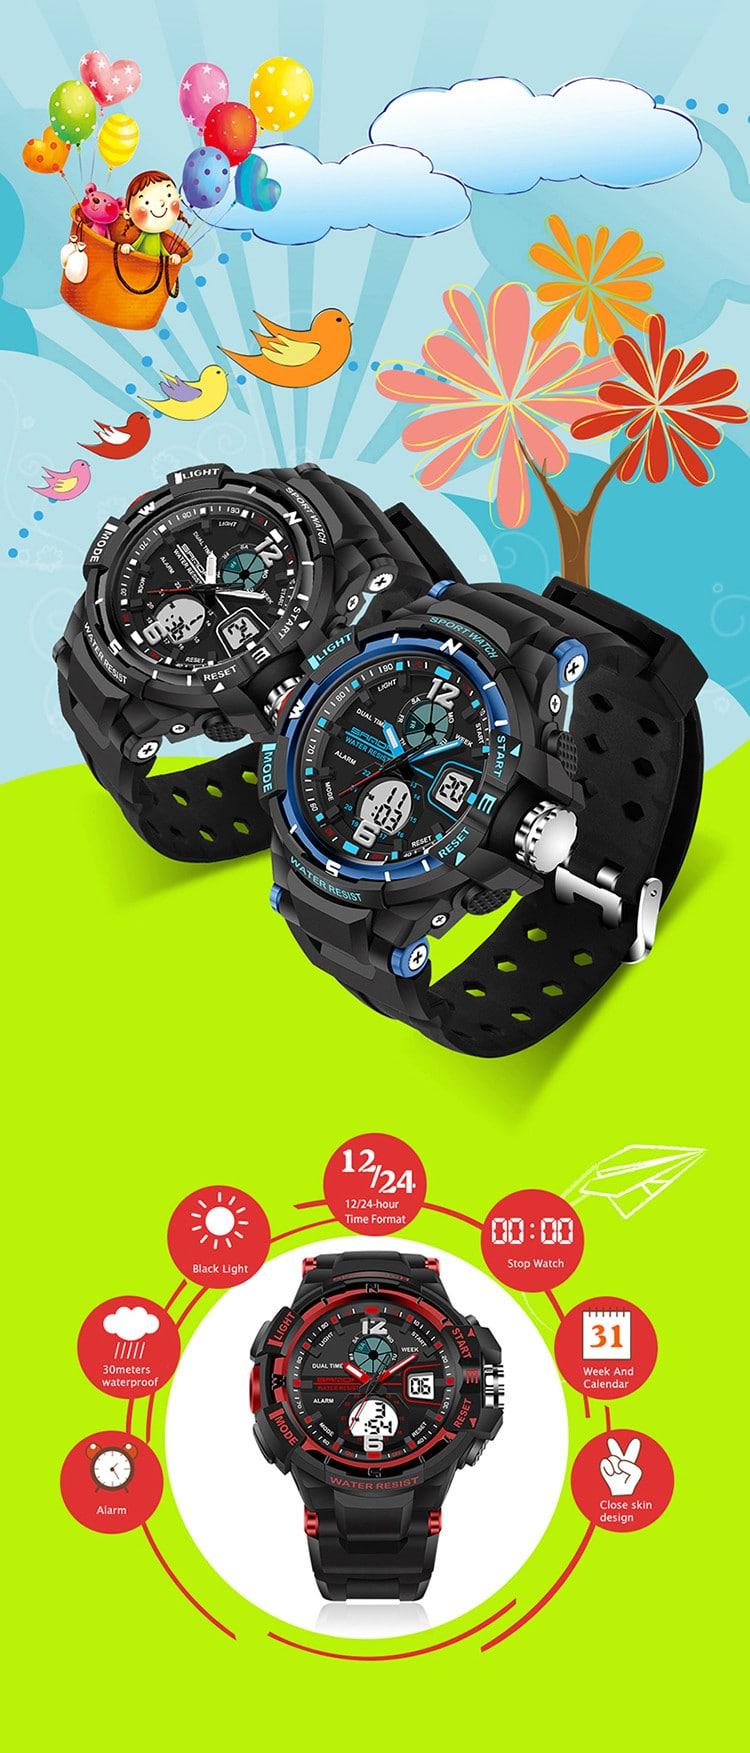 Стильные часы для подростков на Алиэкспресс